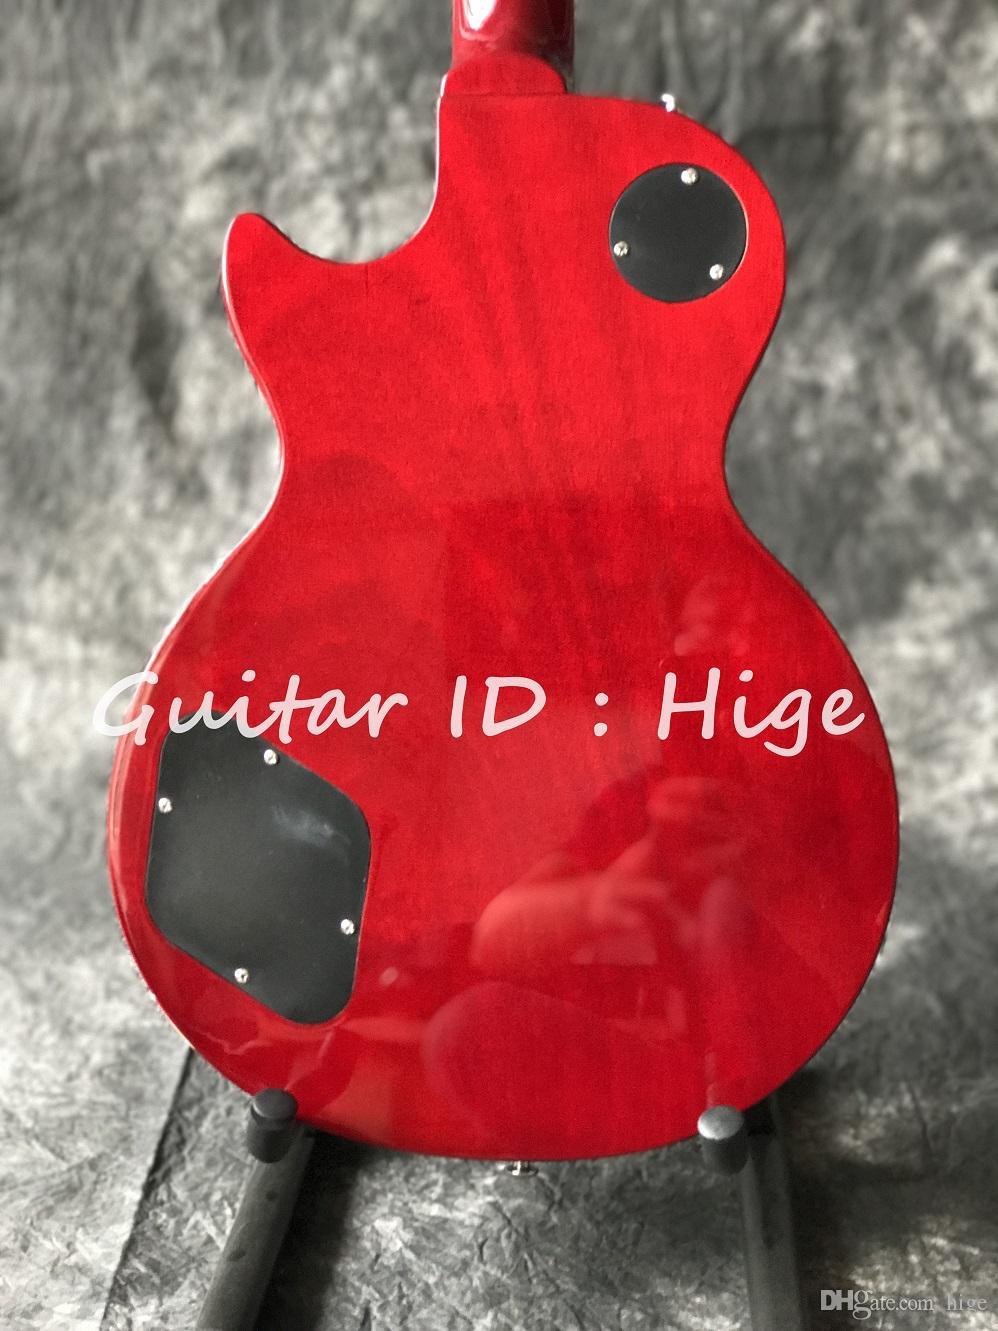 중국 기타 Slash Appetite VOS 빨간 색 일렉트릭 기타 HOT SALE 빠른 납기 기타 무료 배송